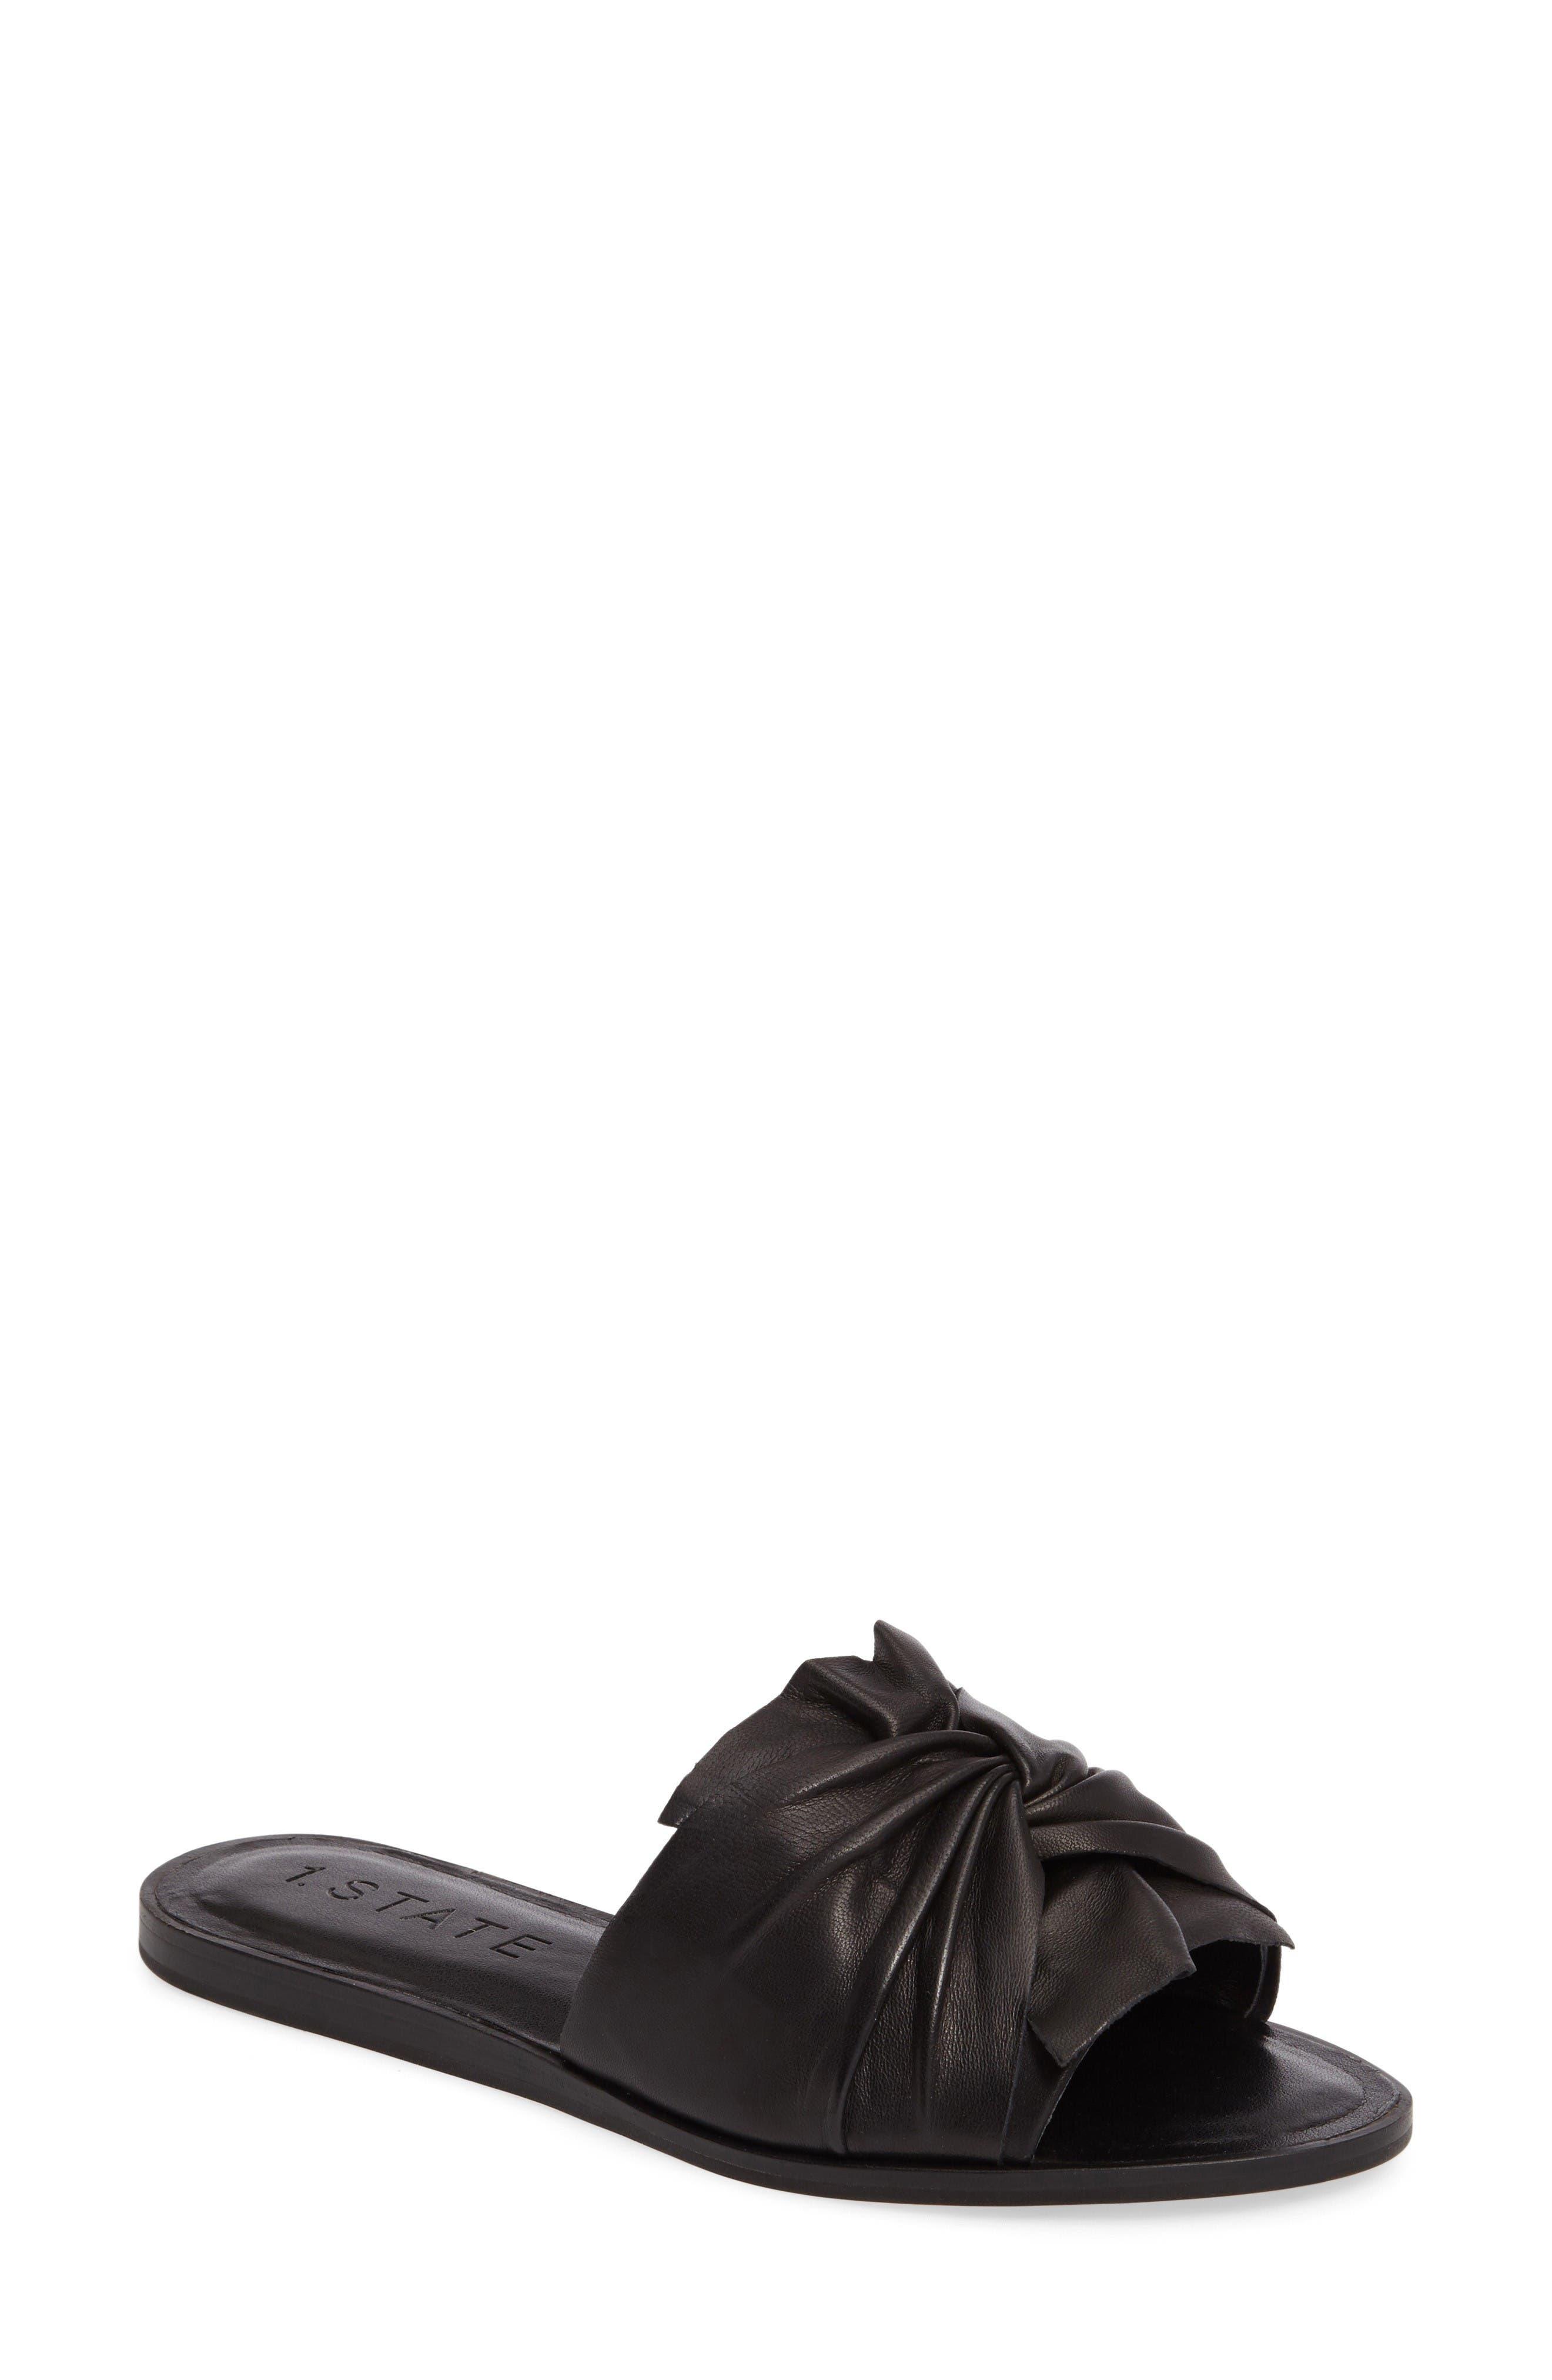 Alternate Image 1 Selected - 1.STATE Chevonn Slide Sandal (Women)